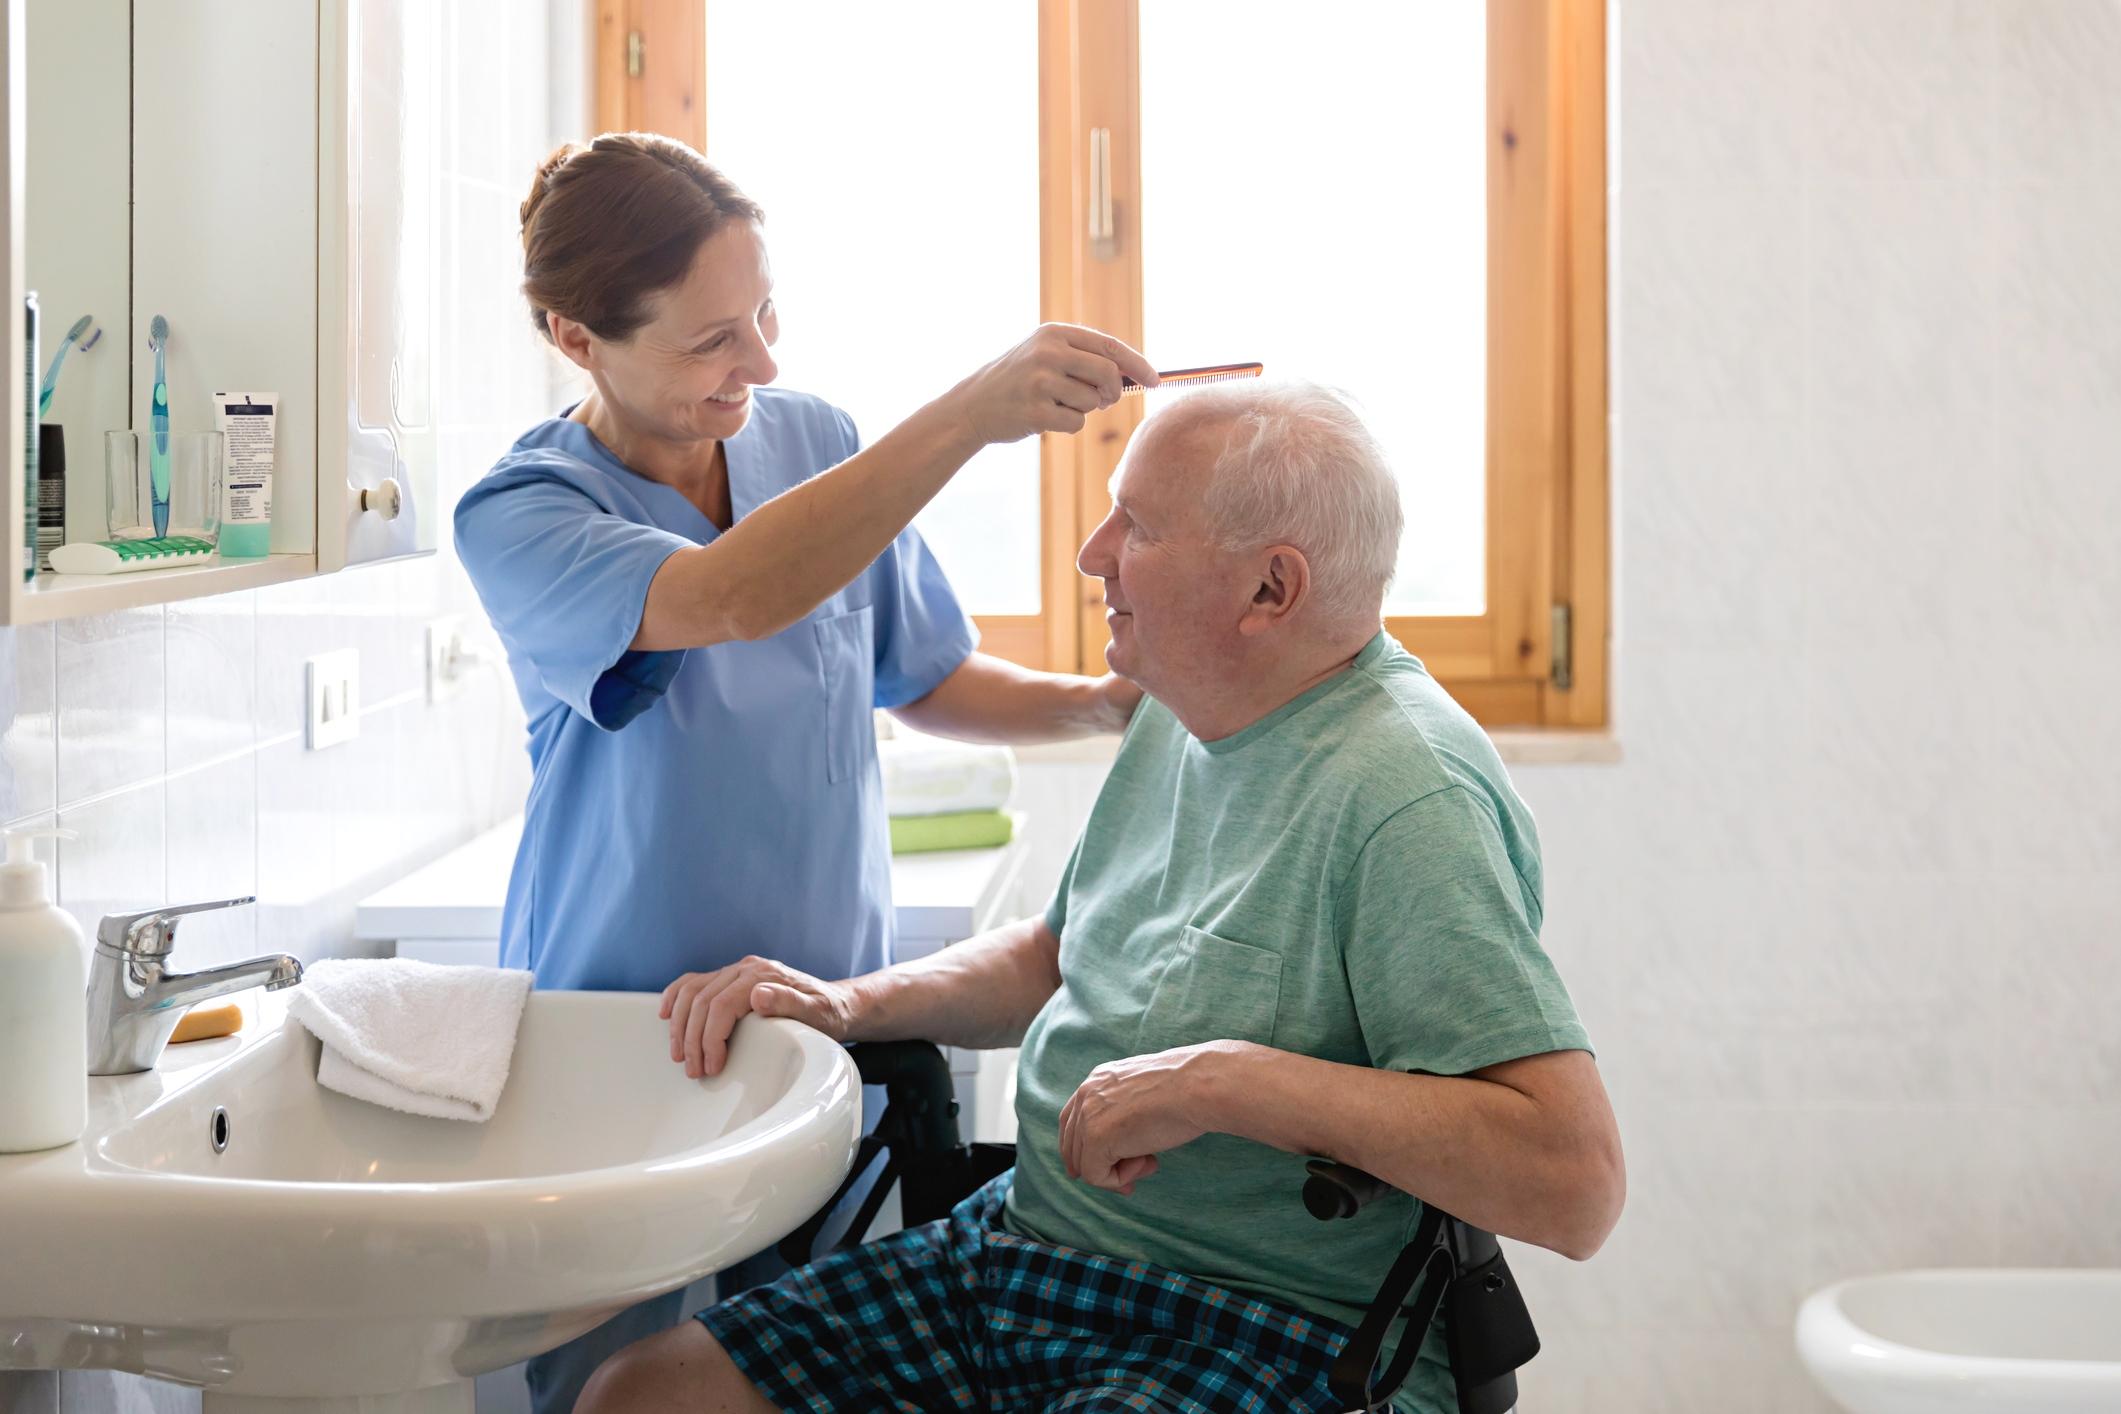 vệ sinh cá nhân sau đột quỵ